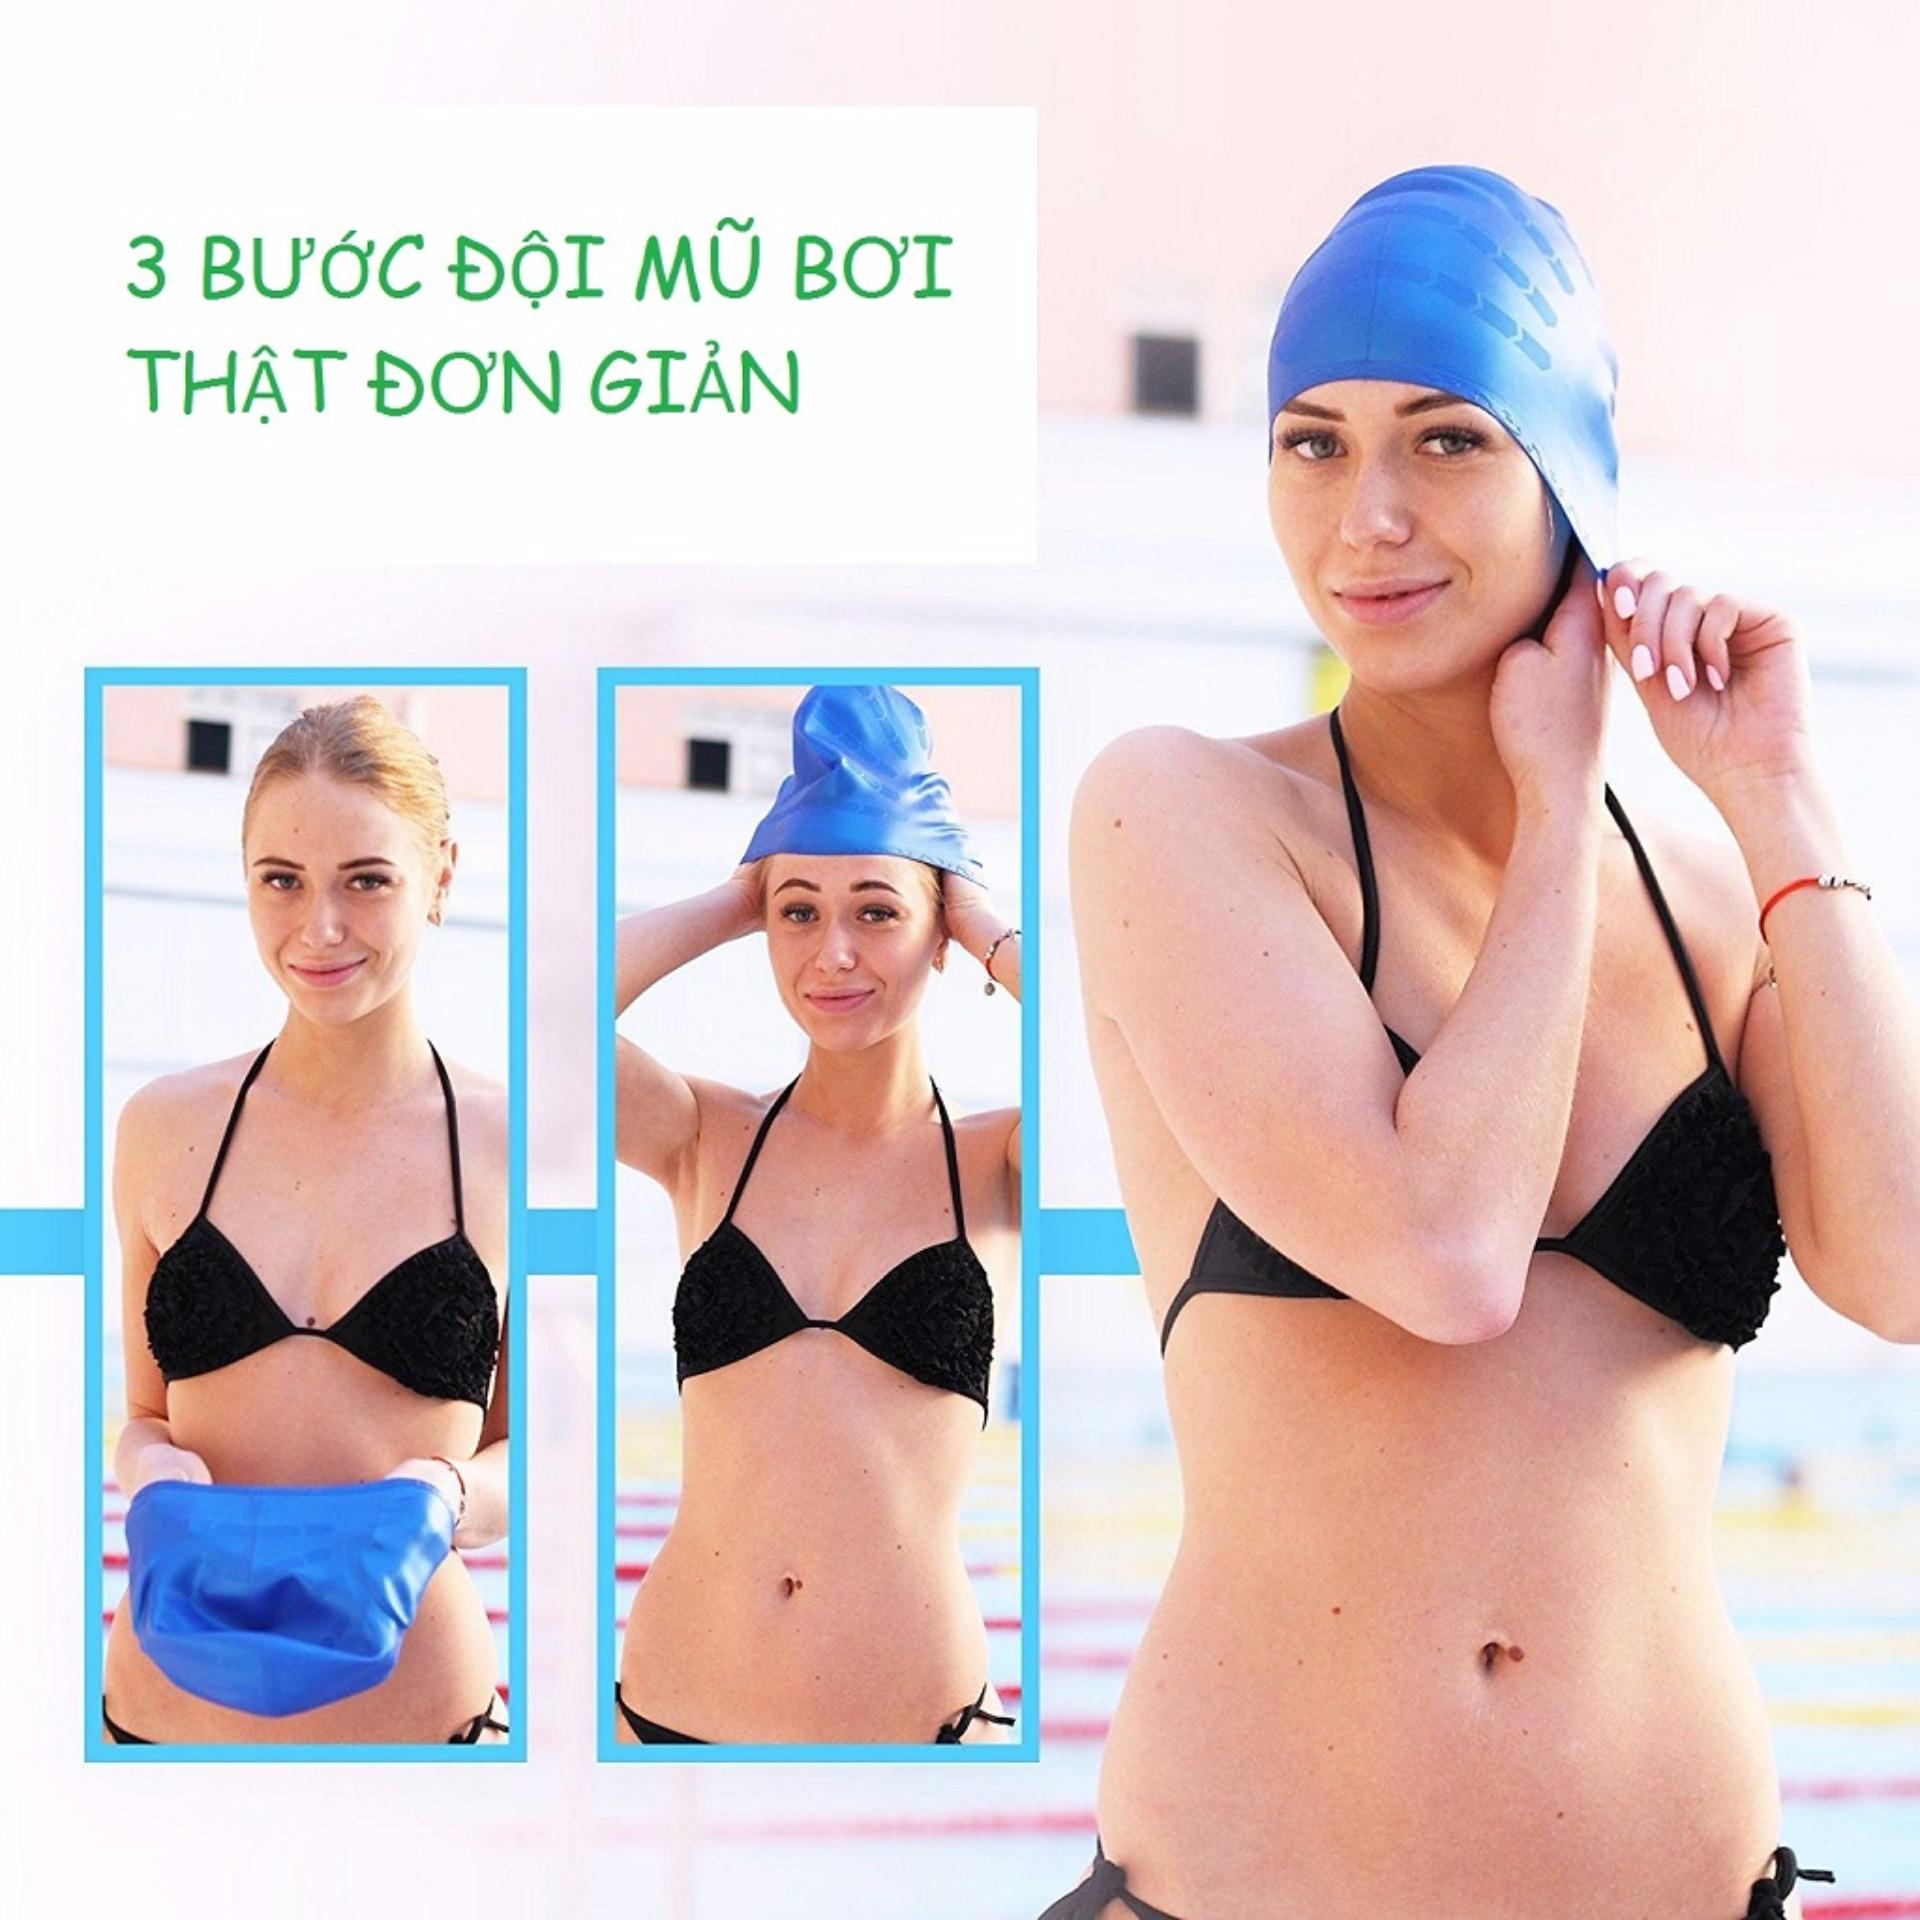 Nón bơi mũ bơi trơn silicone chống thống nước cao cấp CA31 POPO Collection 23